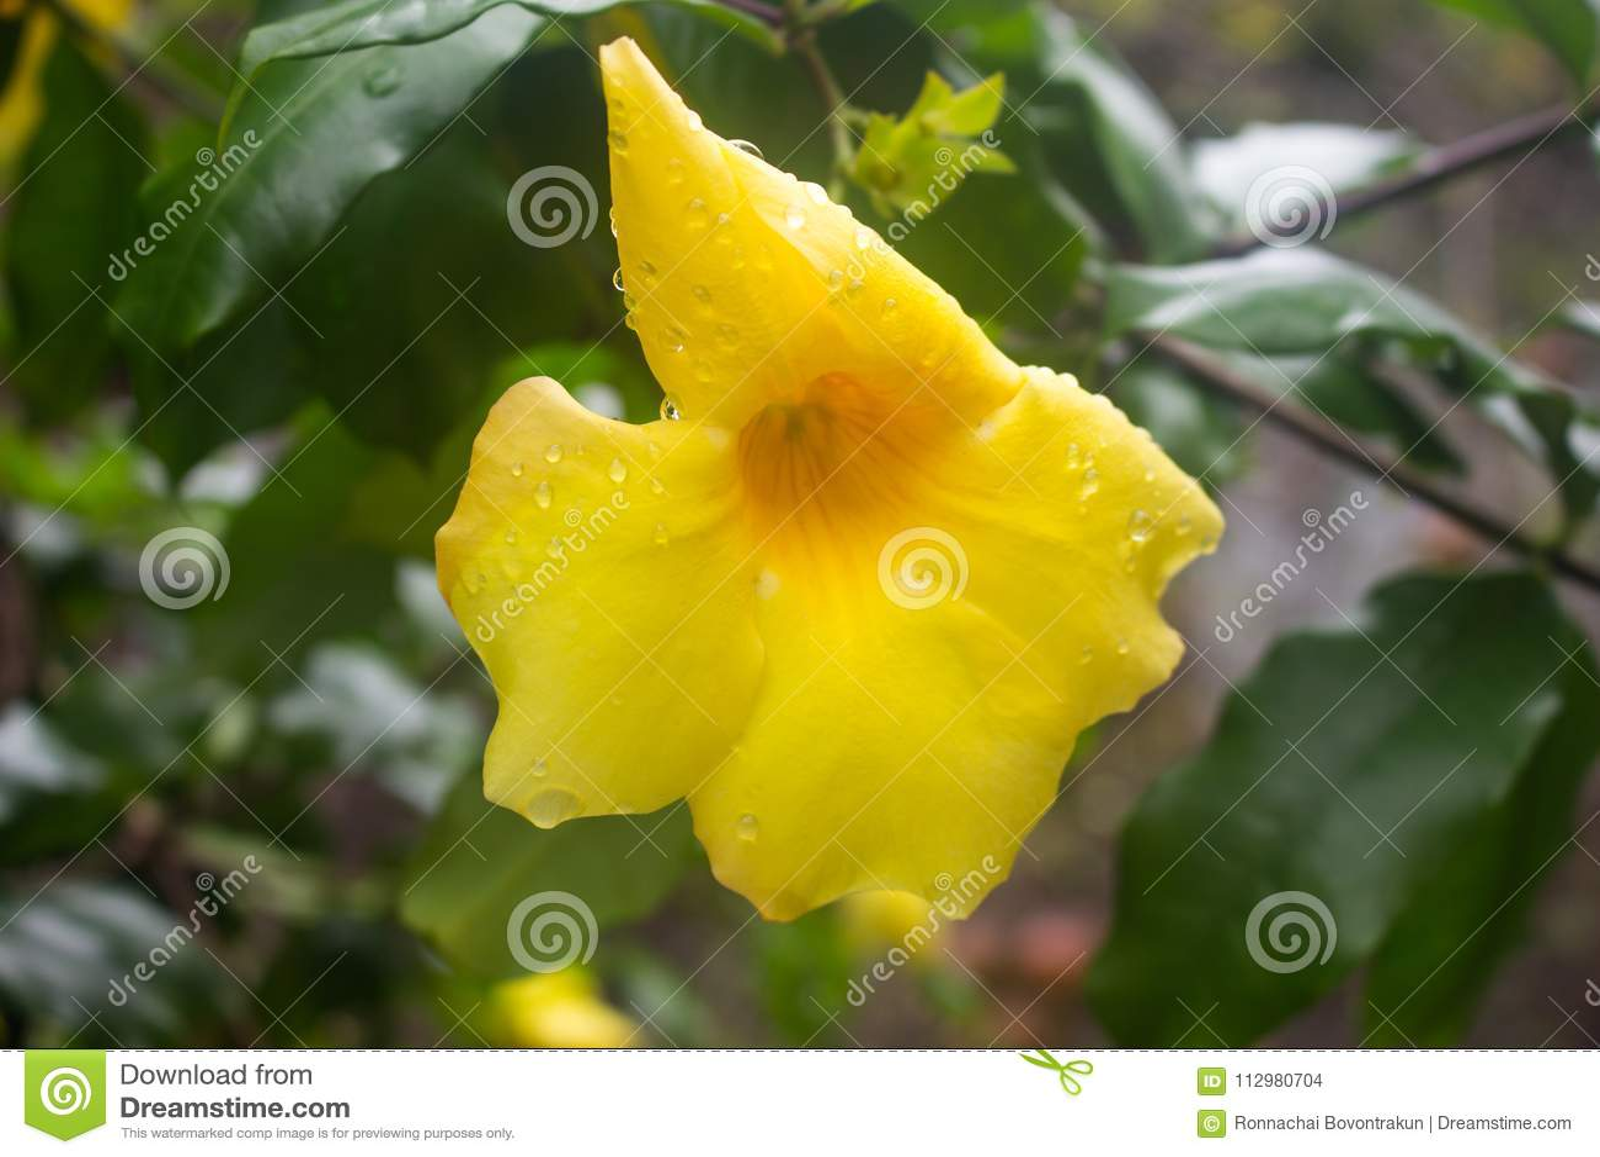 Fiore giallo con le gocce di acqua su fondo verde